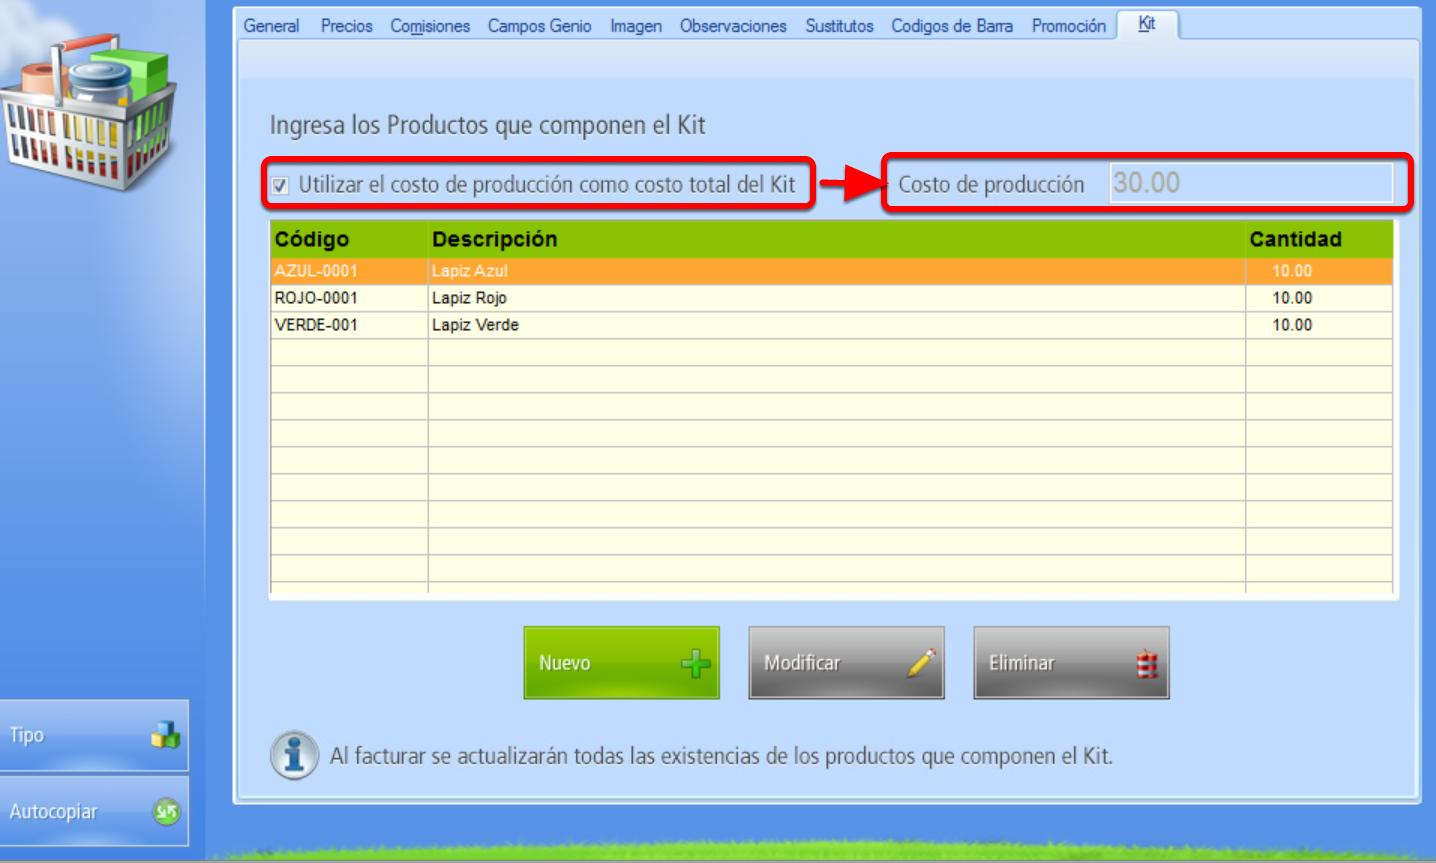 Casilla de verificación que al activarse convierte al costo de producción en el costo del Kit